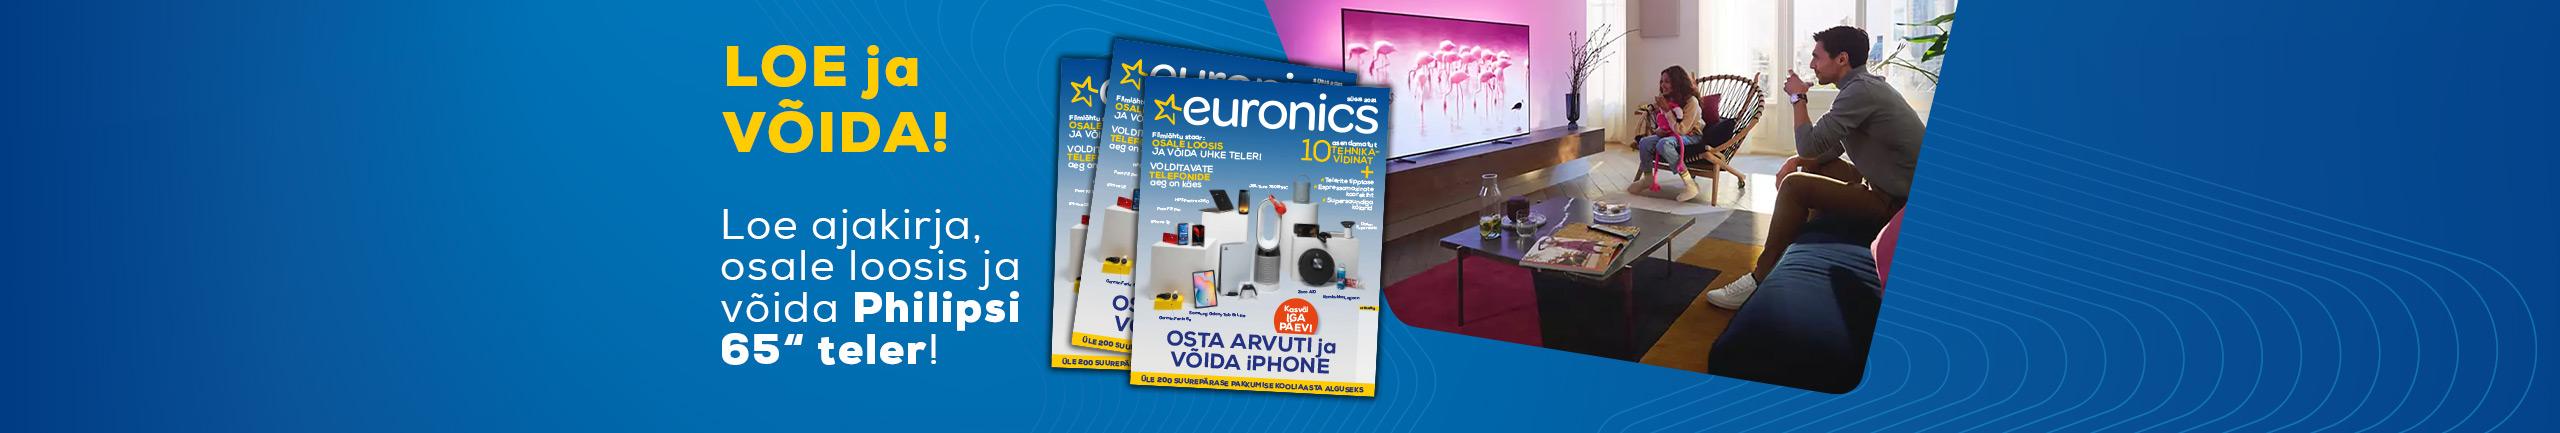 Loe Euronicsi ajakirja ja võida Philipsi teler